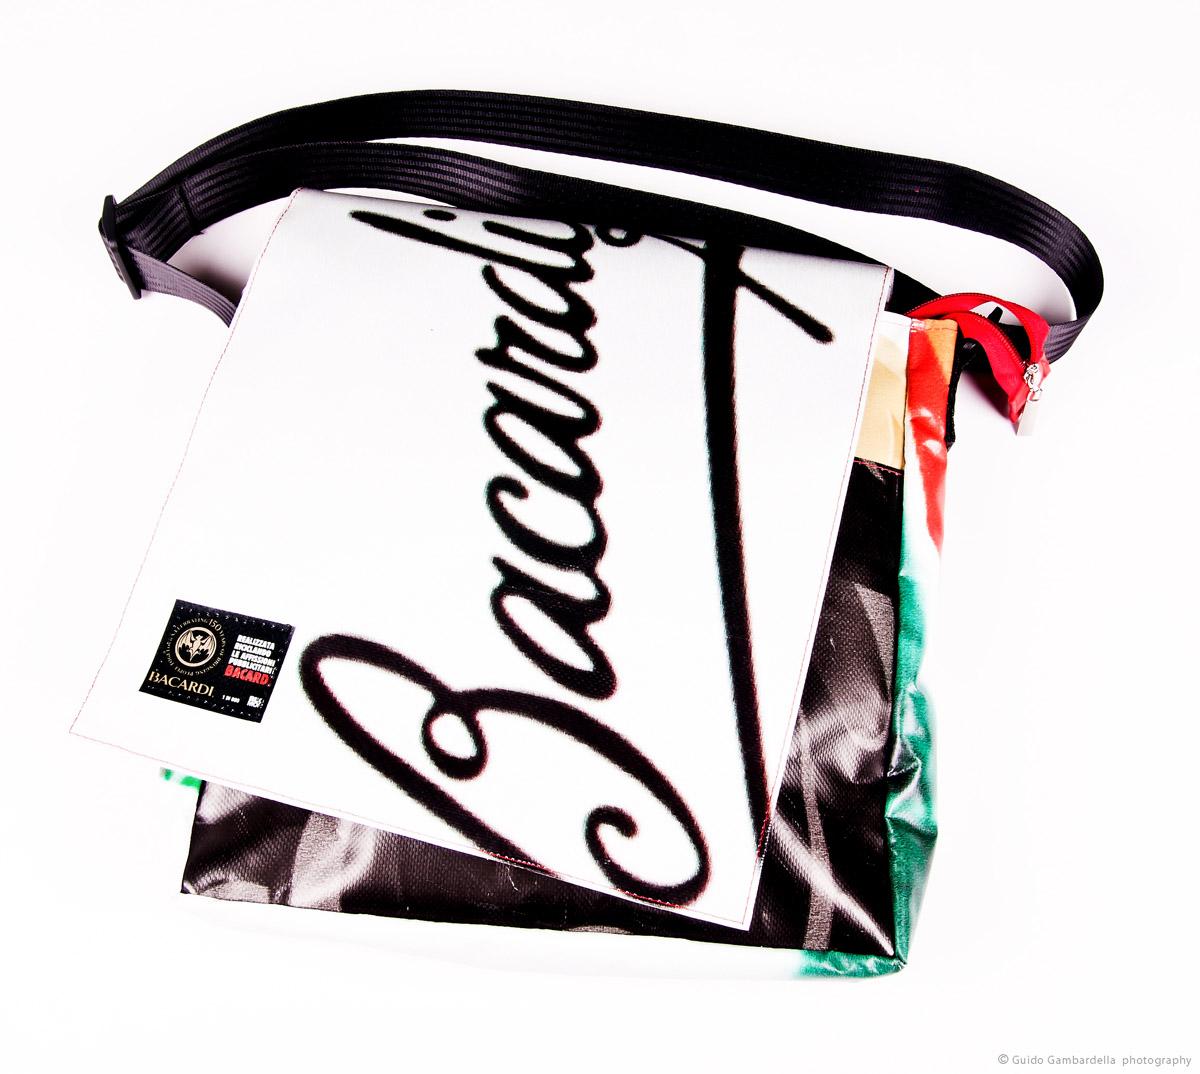 Riciclo creativo plastiche - Bacardi